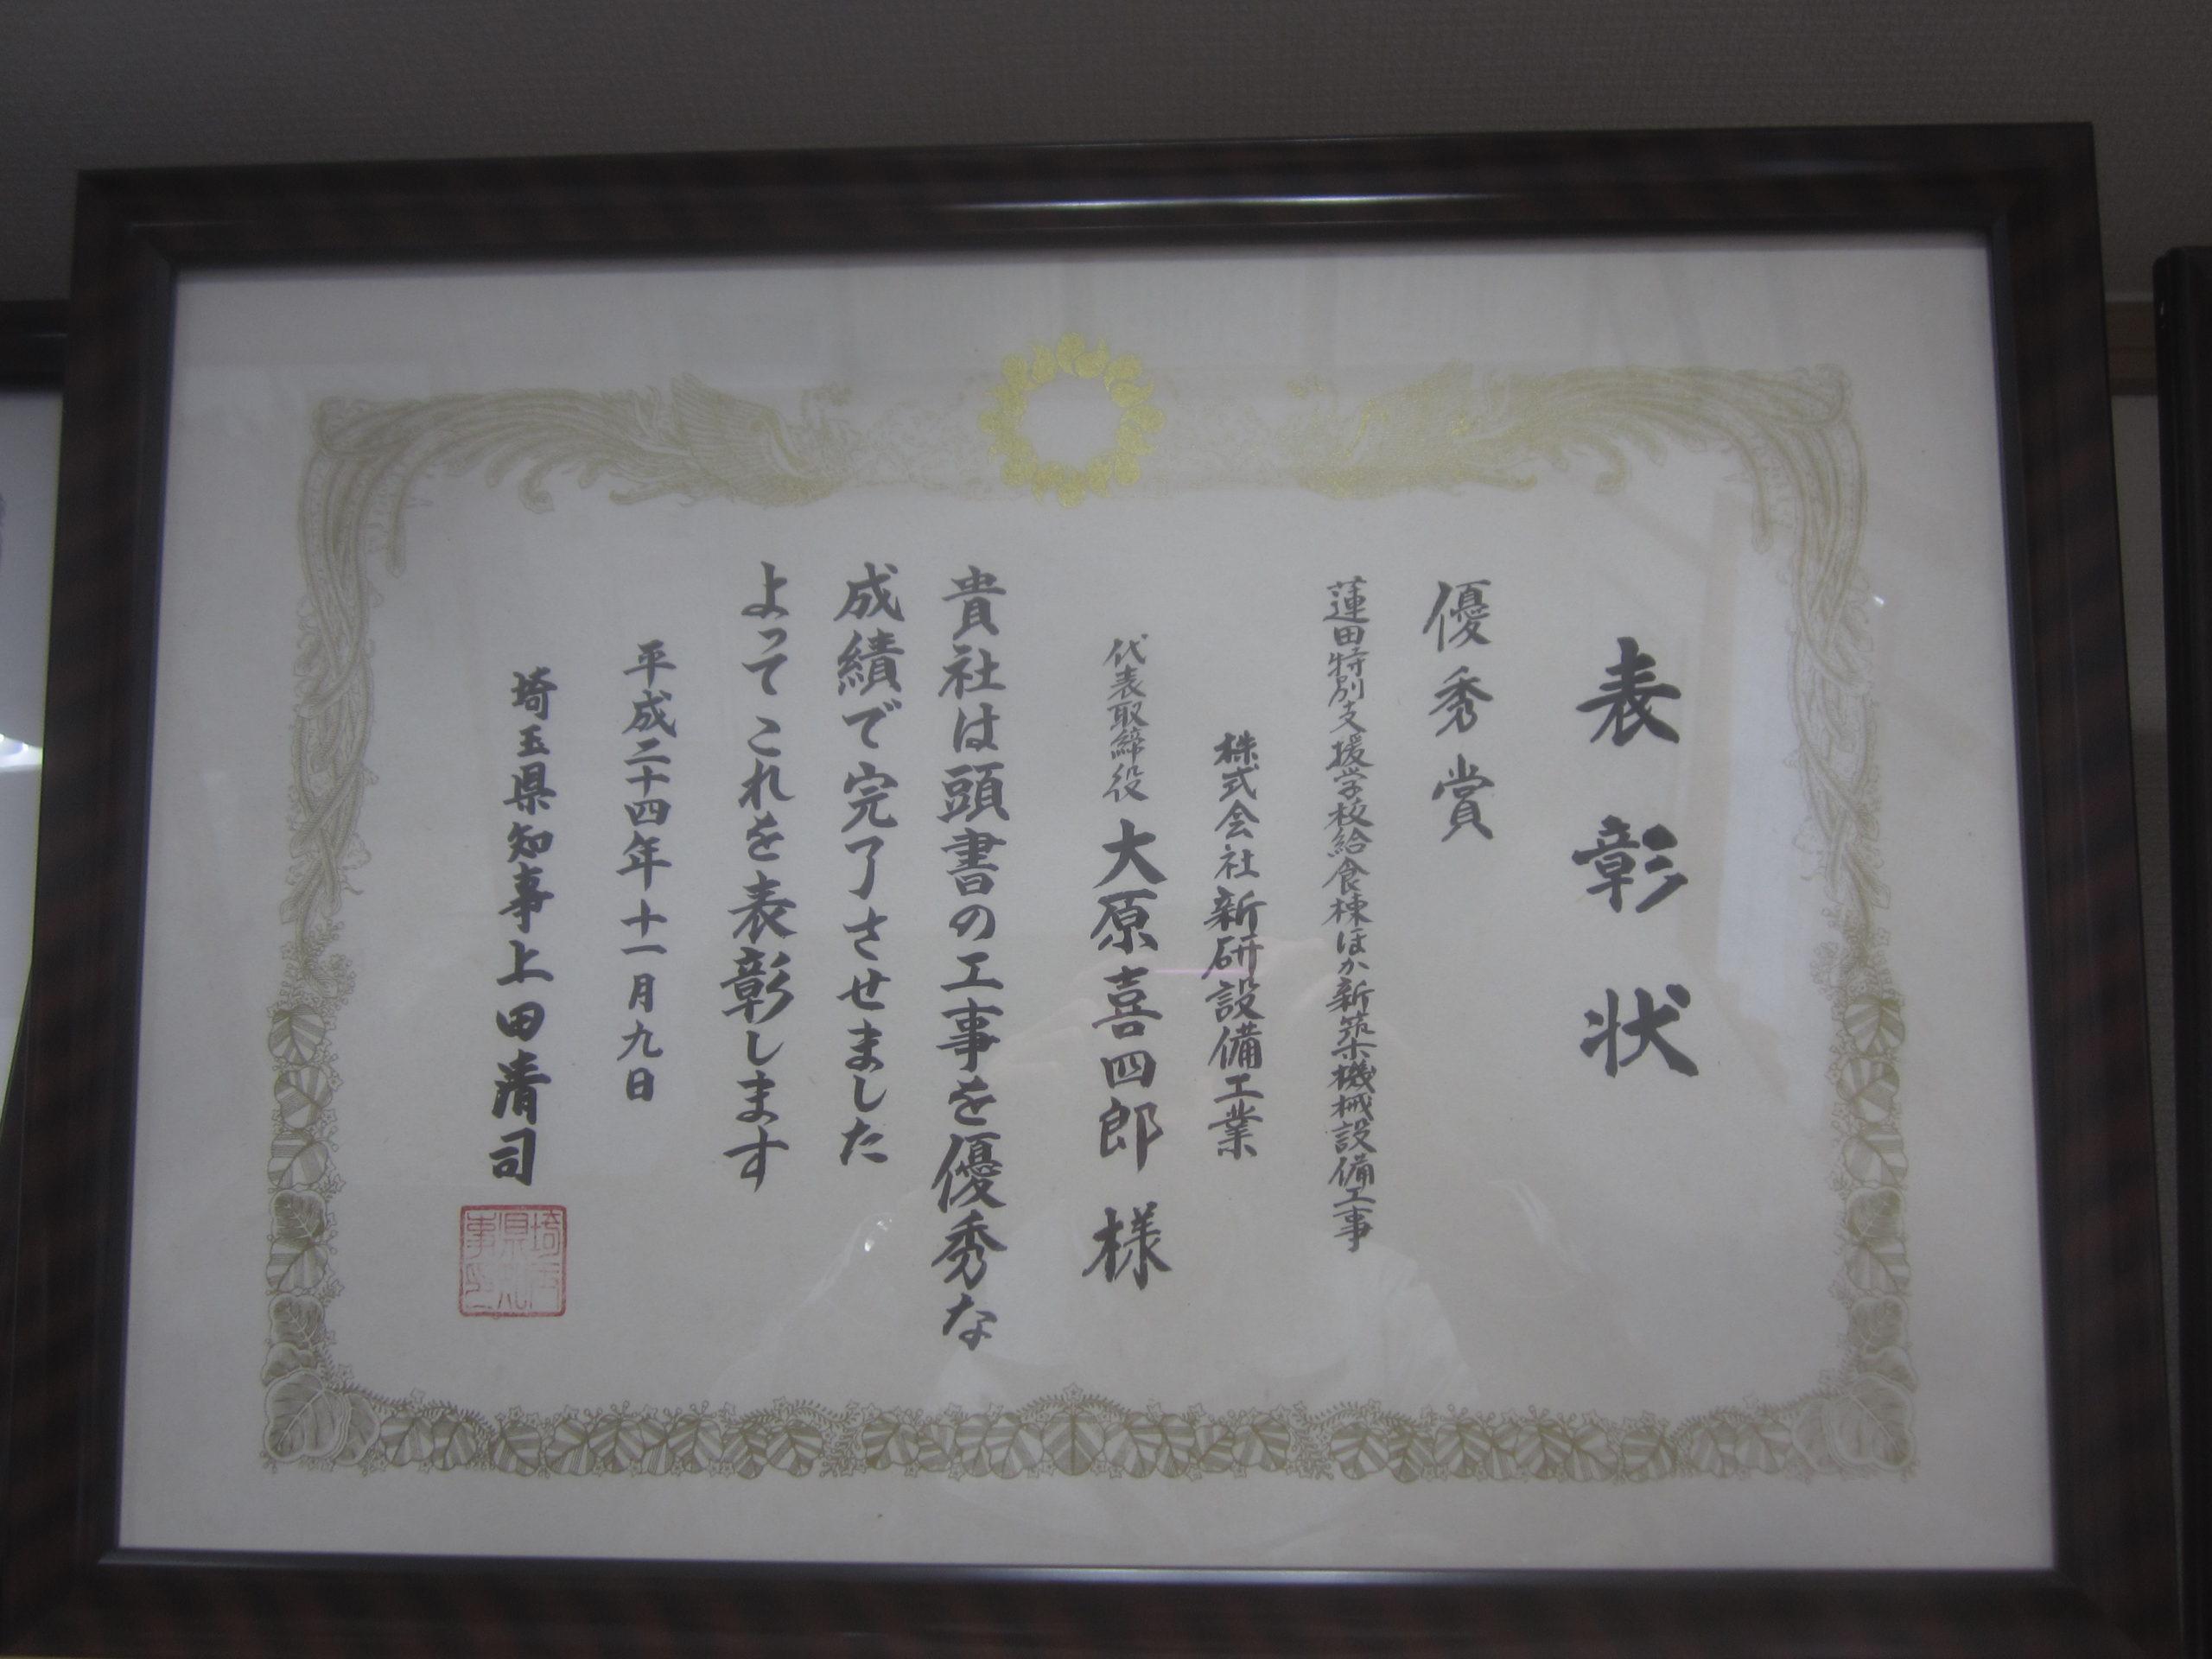 平成24年 蓮田特別支援学校給食棟ほか新築機械設備工事 優秀賞